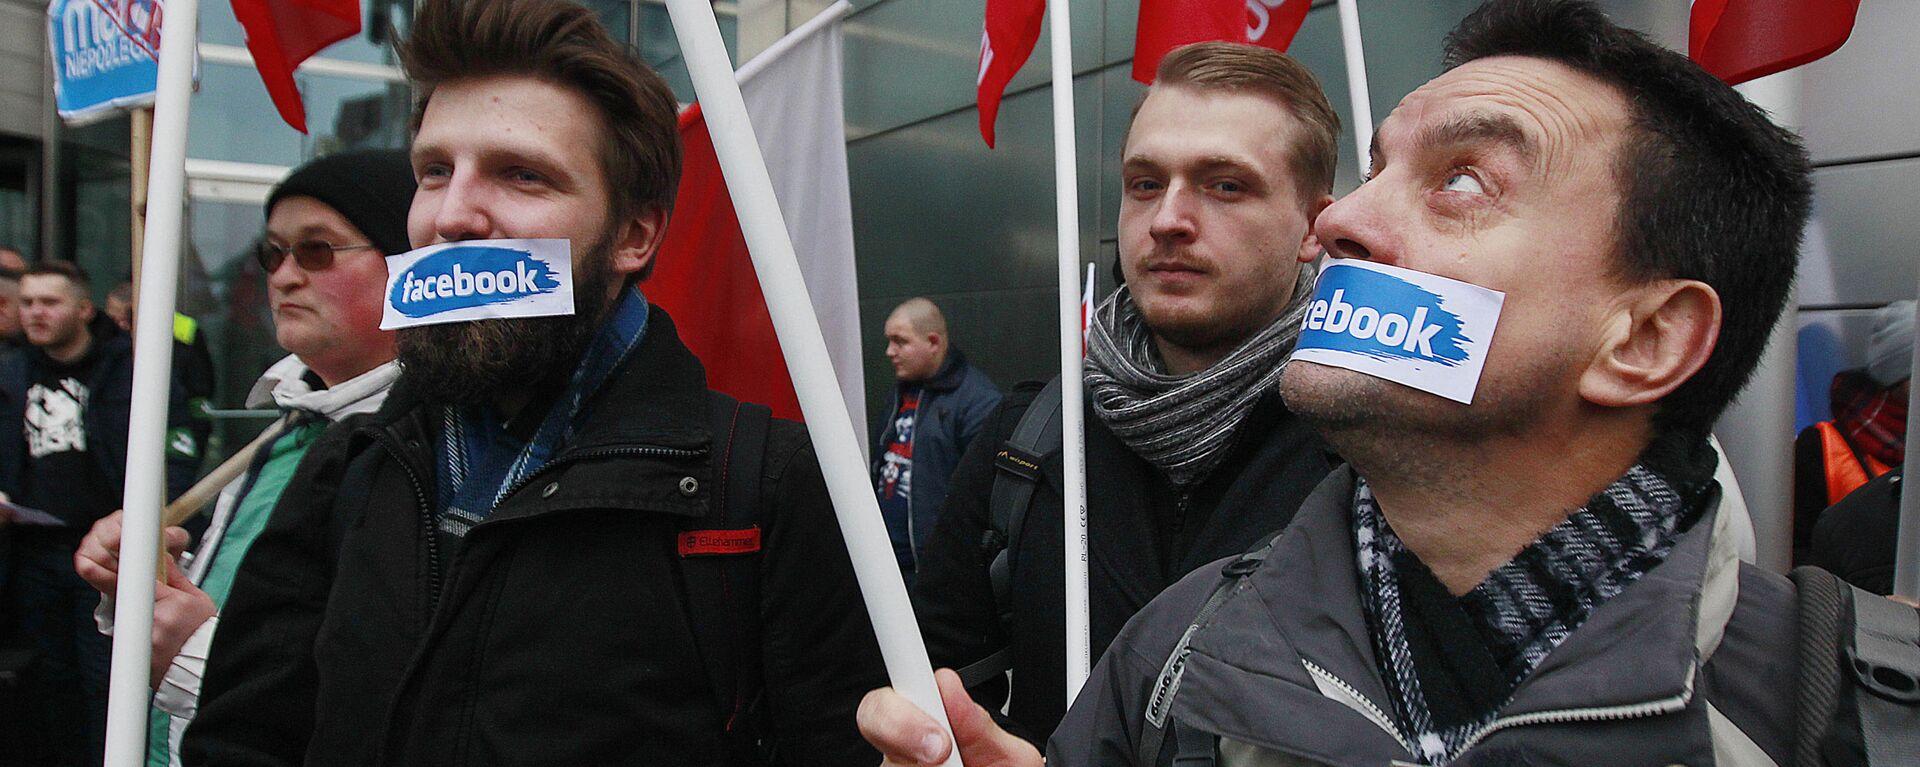 Протесты против блокировки аккаунтов в сети Facebook в Варшаве  - Sputnik Узбекистан, 1920, 15.01.2021